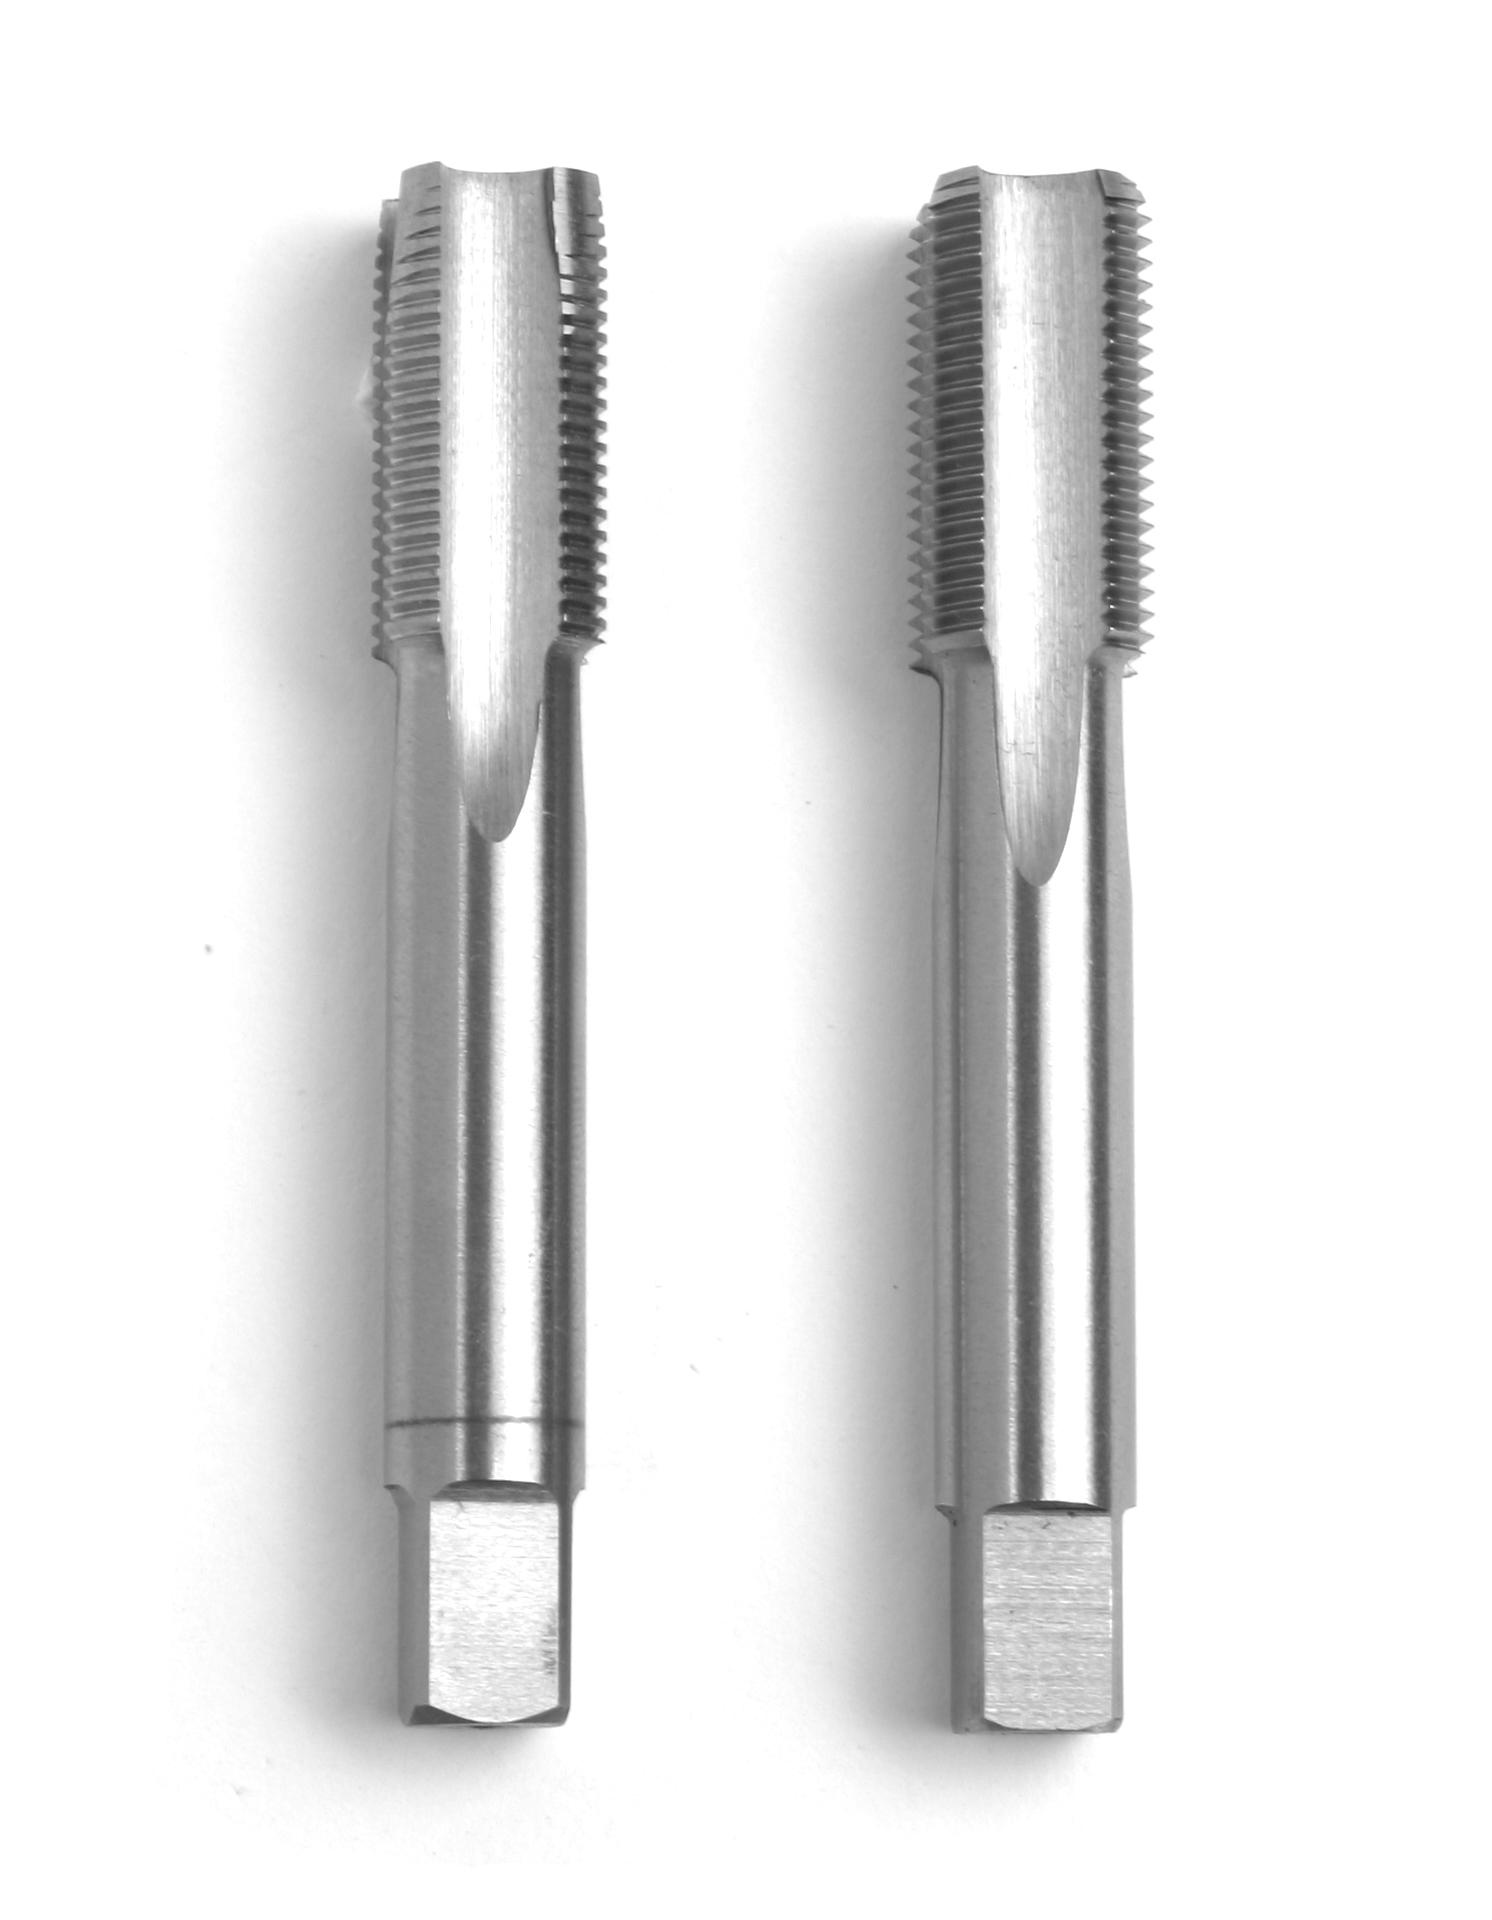 Ručni ureznik, DIN 2181, HSSE-G, MF12×1,5